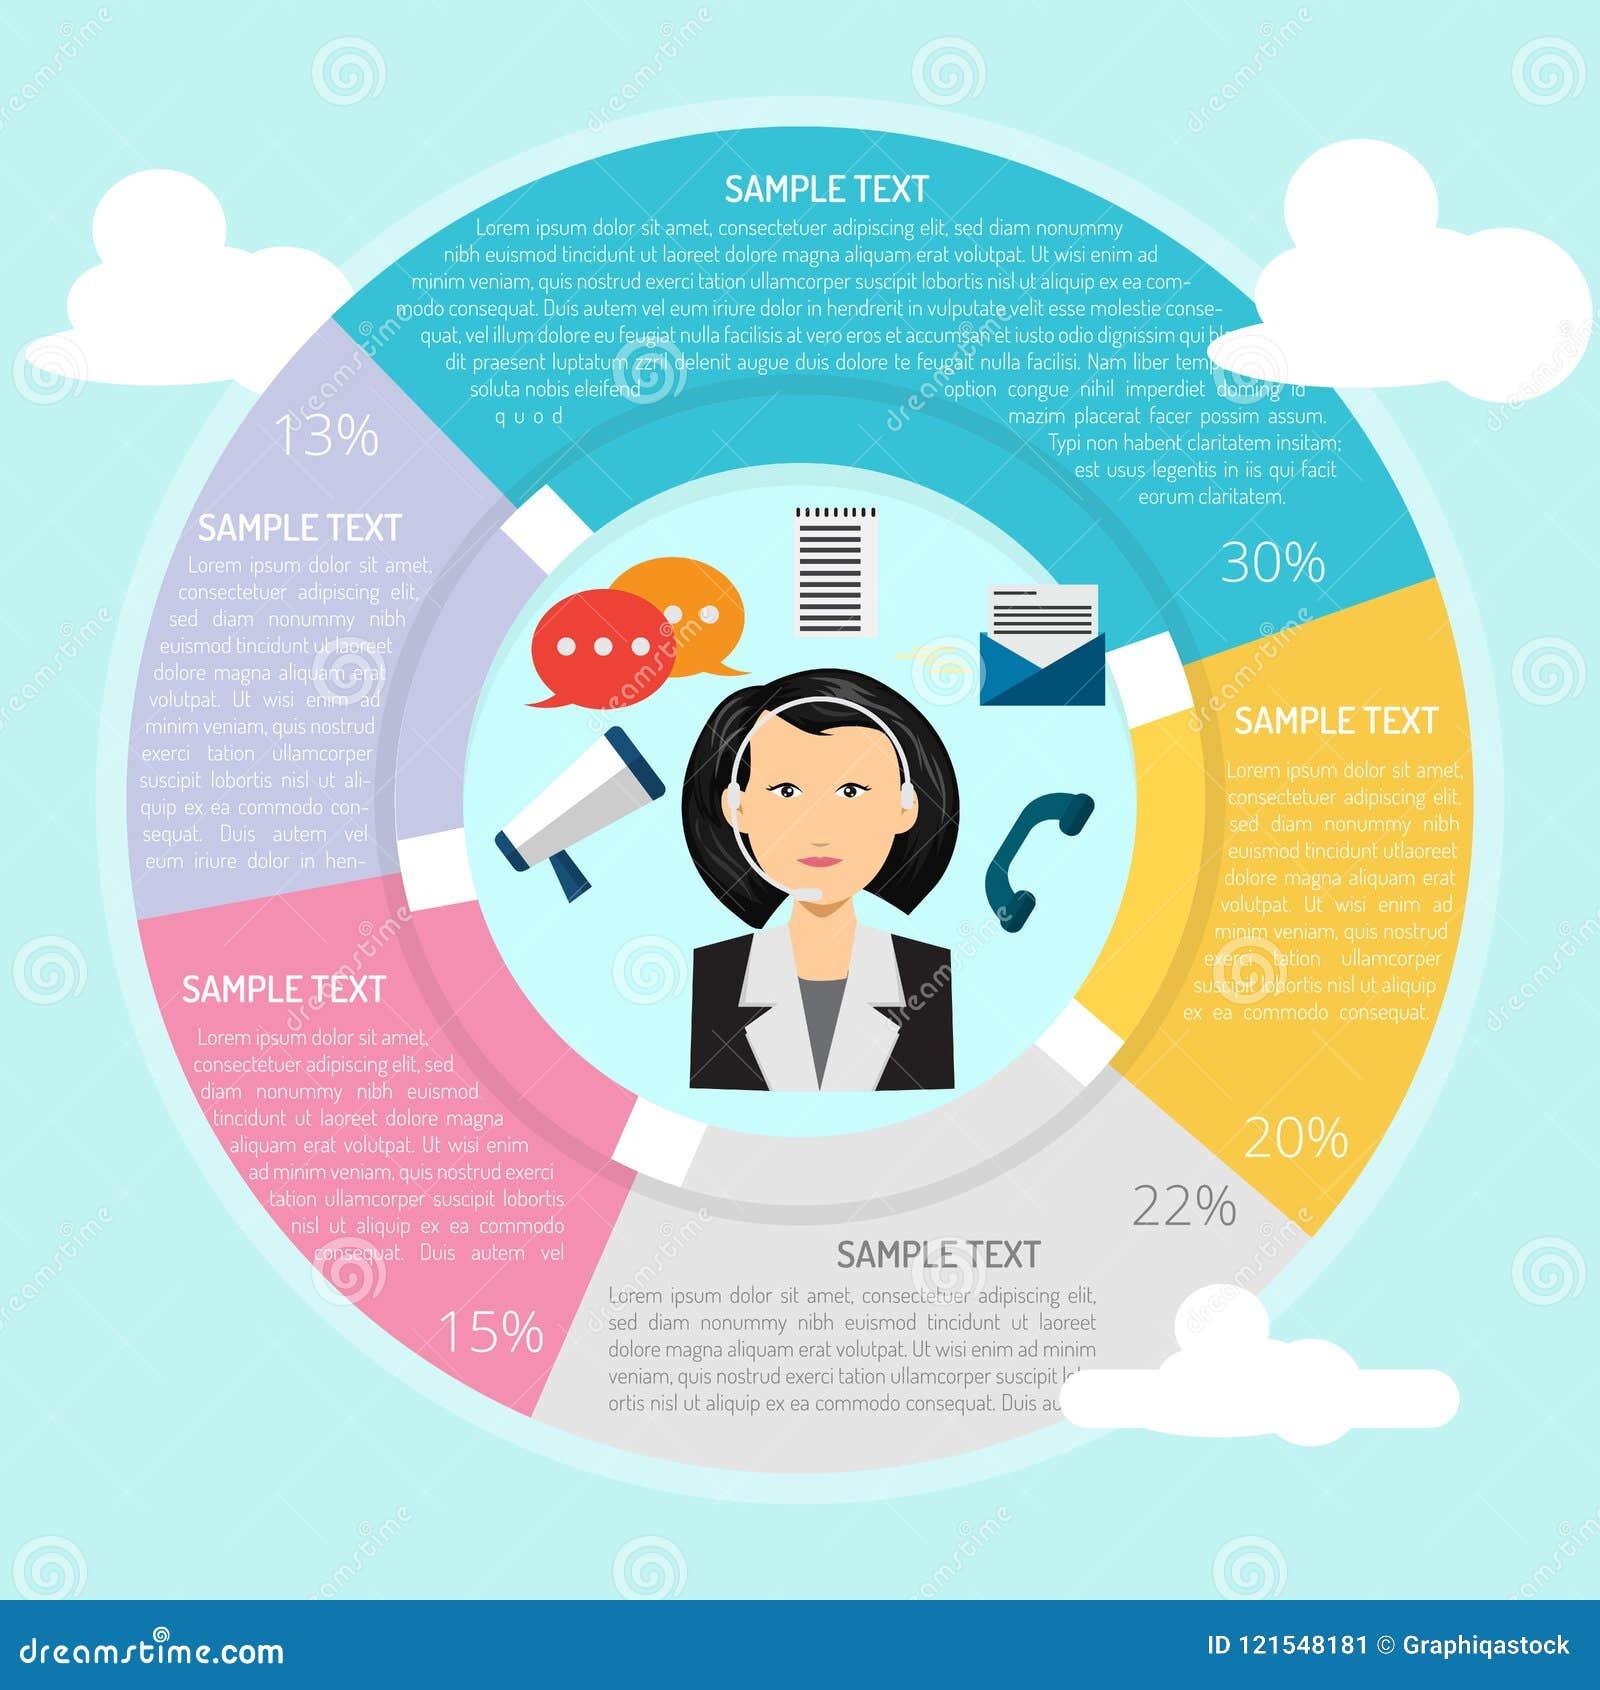 Comunicador Infographic